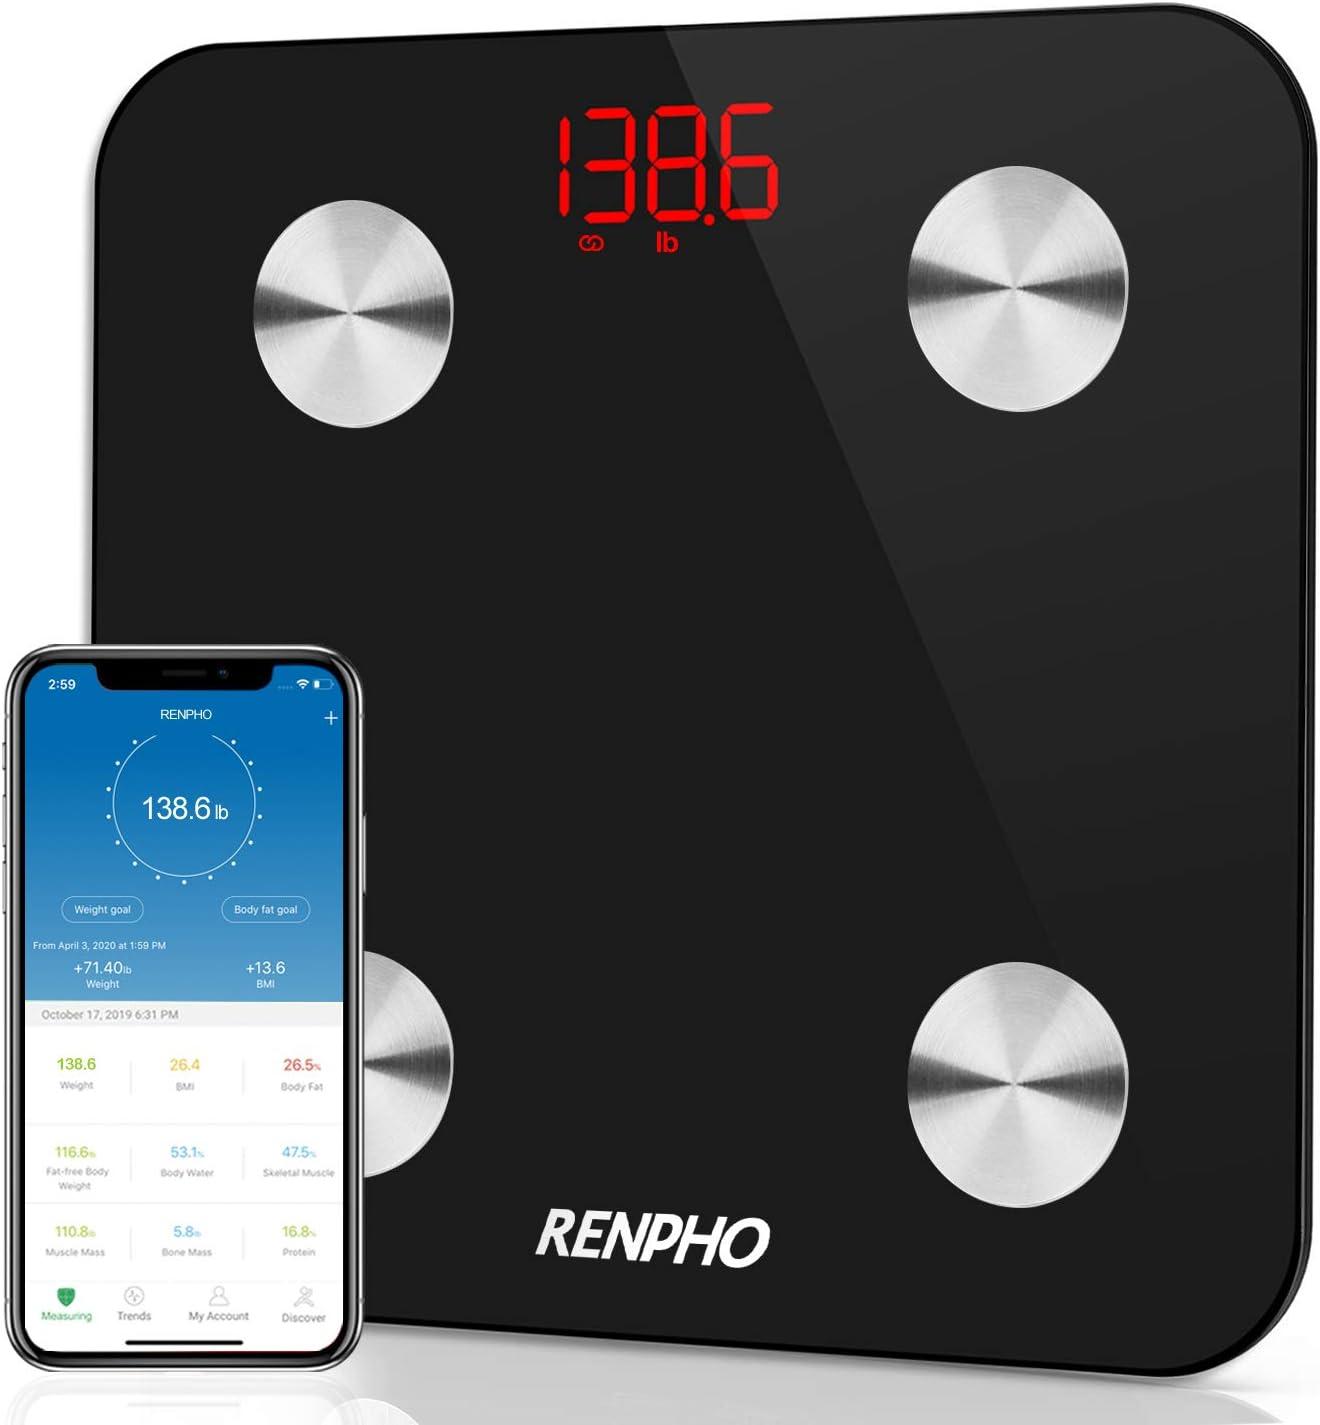 Renpho - Báscula de baño conectada con Bluetooth, con 13 datos corporales para el fitness (BMI, músculo, agua), grasa corporal y masa ósea